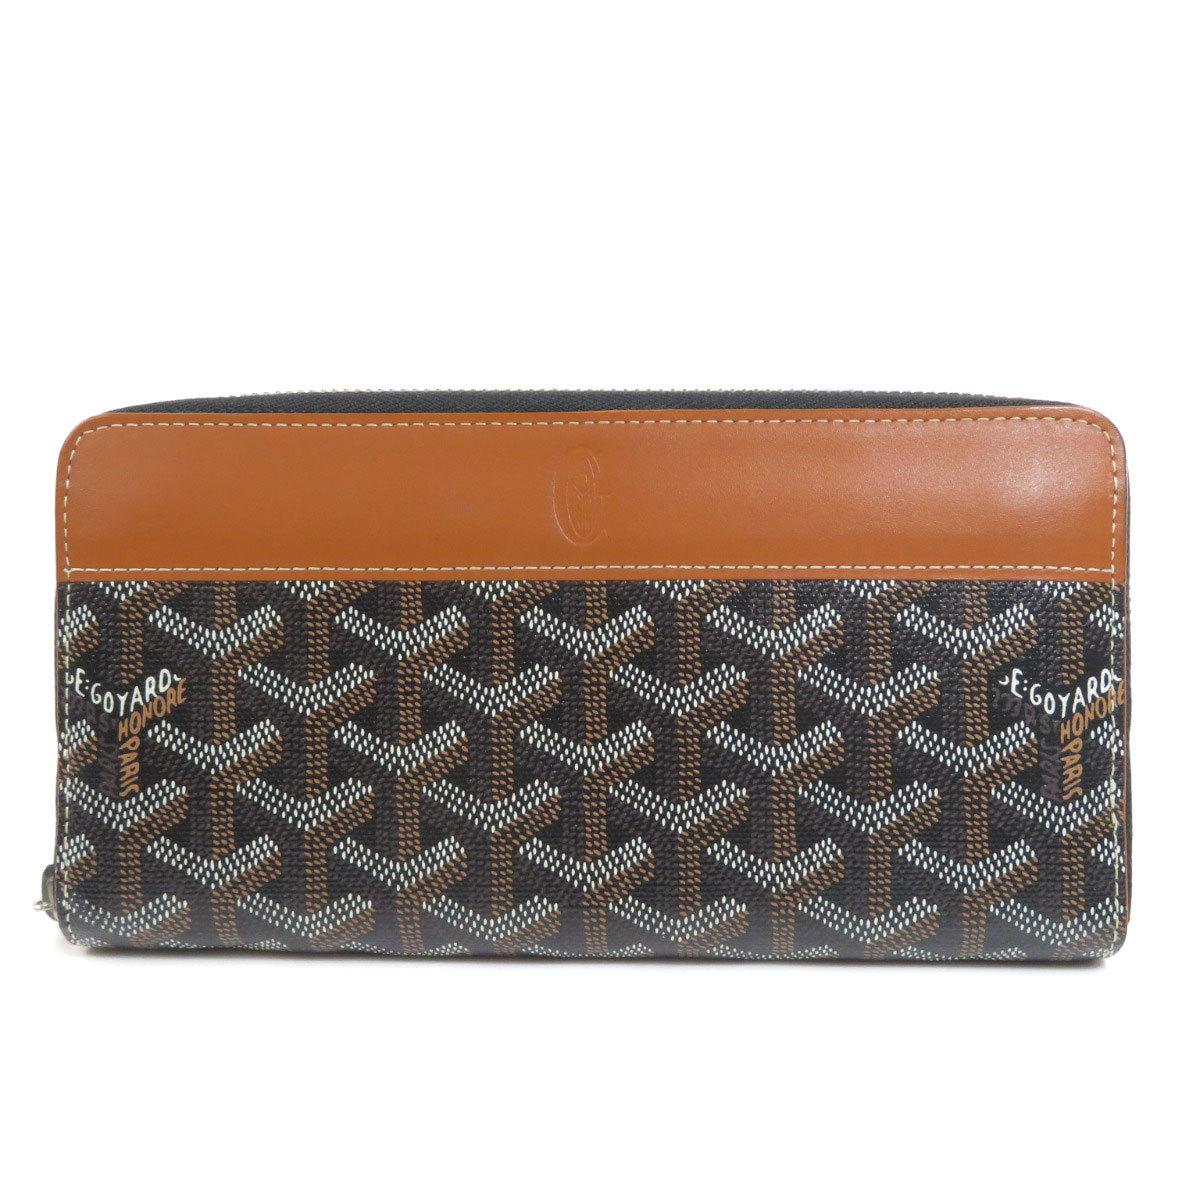 Goyard Zip GM Purse Coated Canvas Leather Unisex